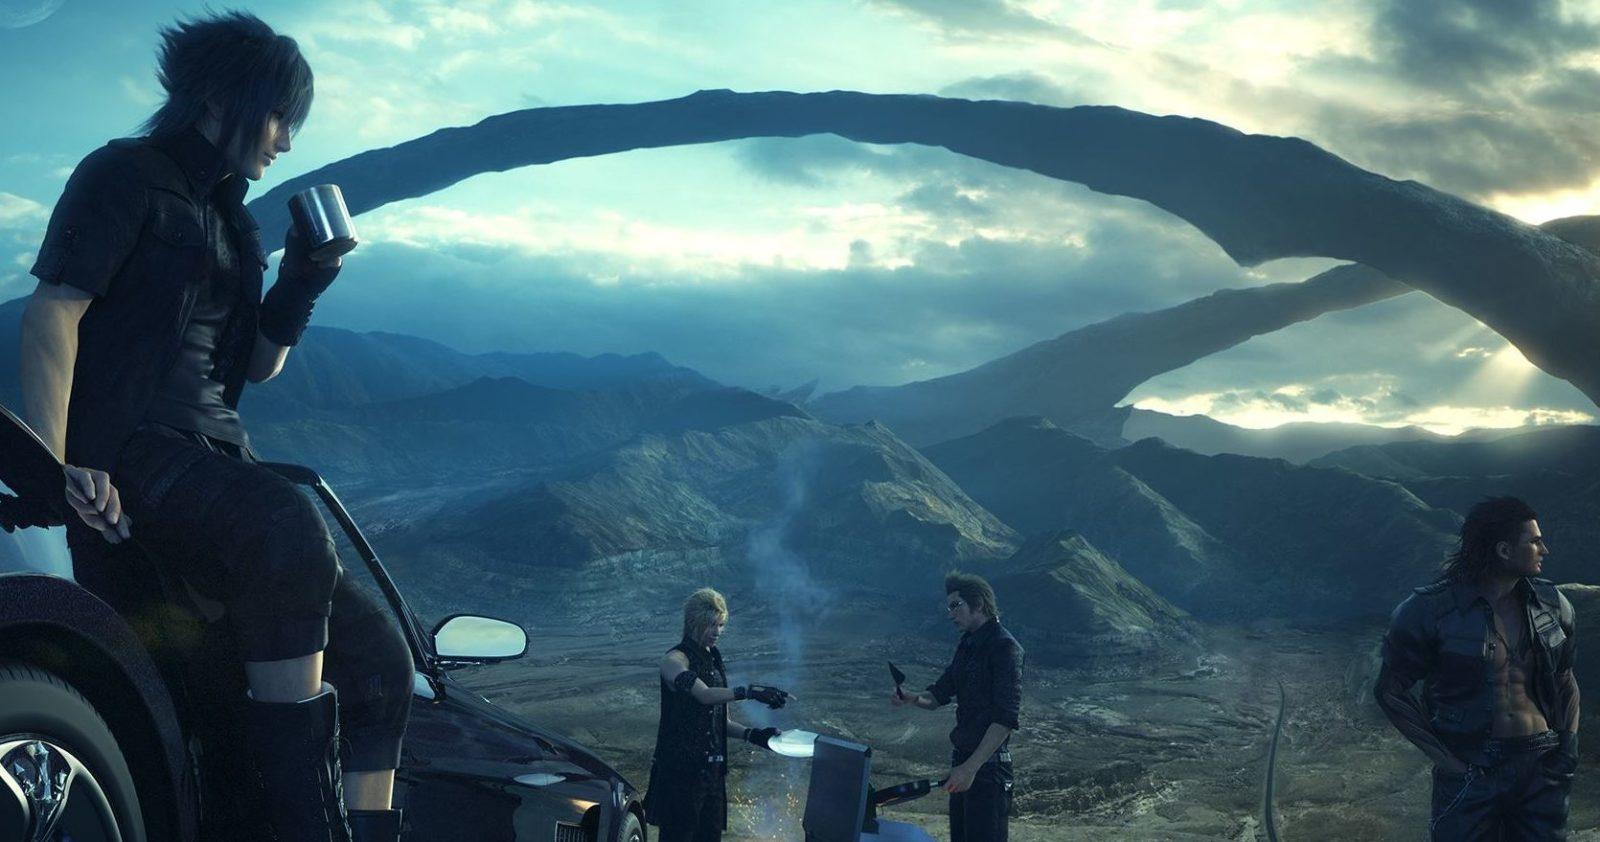 Final Fantasy 15 — гайд по быстрой прокачке персонажа